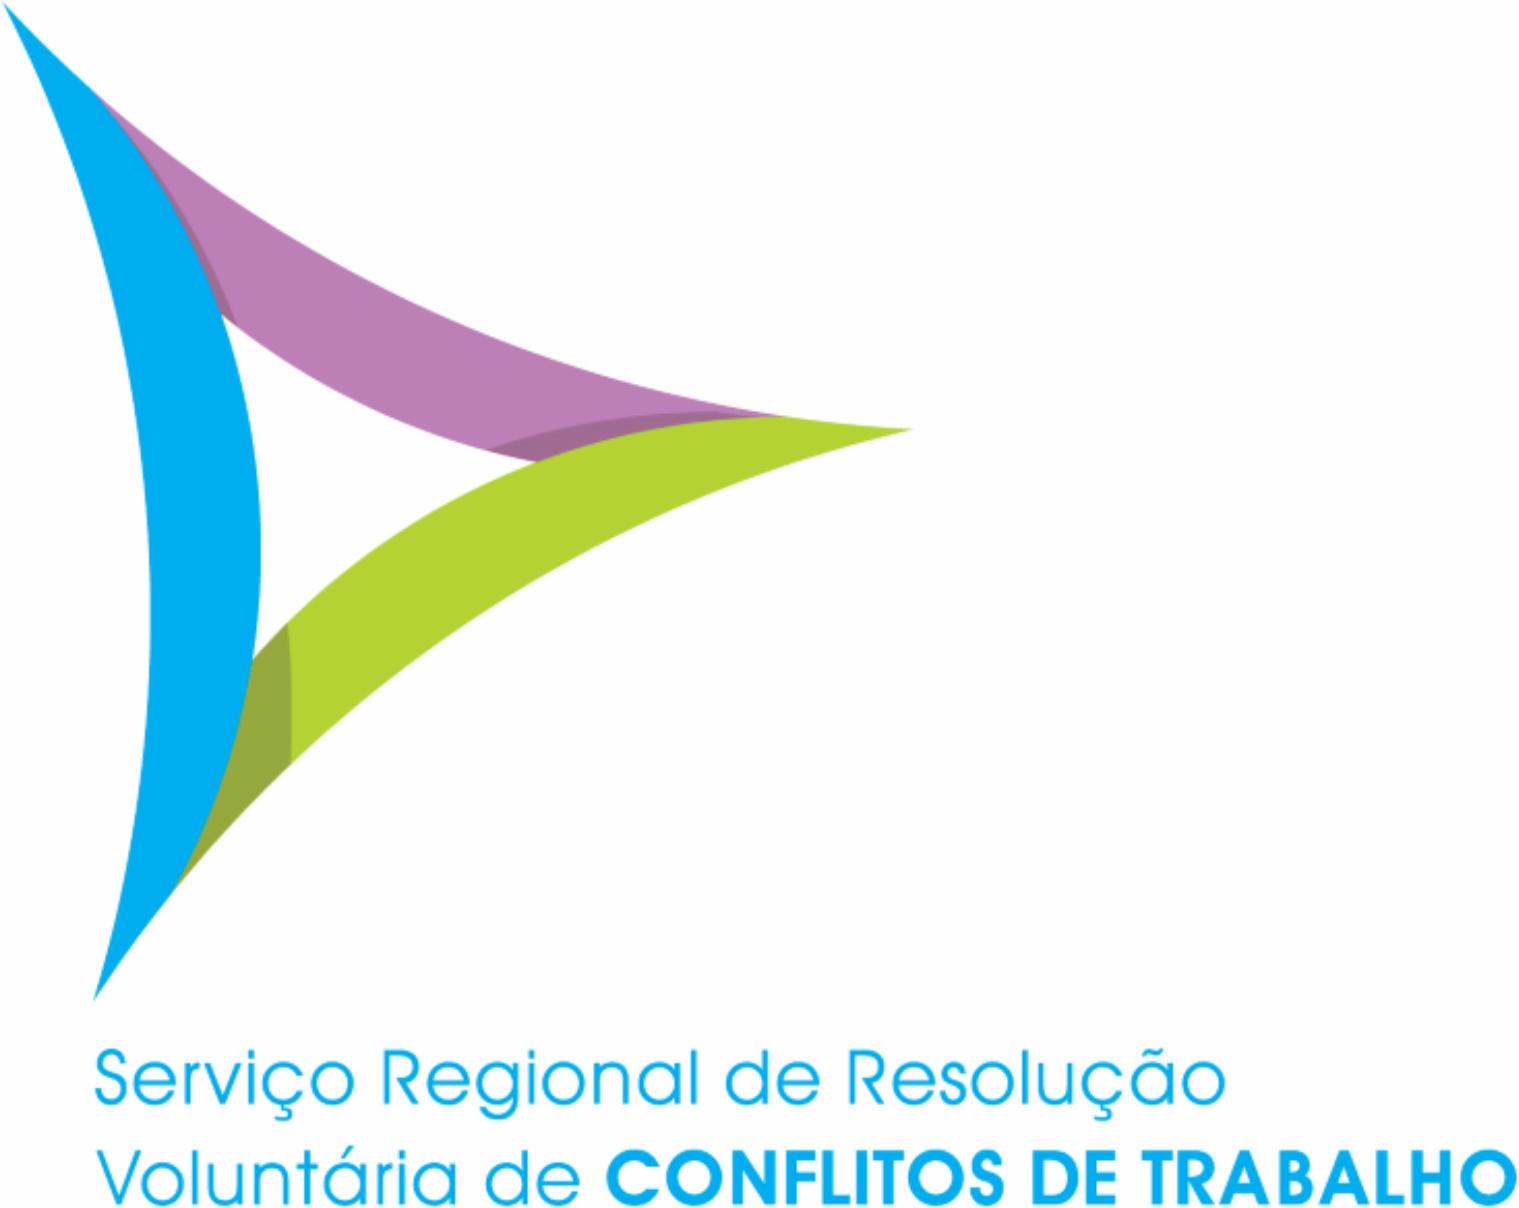 Folheto do SERVIÇO REGIONAL DE RESOLUÇÃO VOLUNTÁRIA DE CONFLITOS TRABALHO